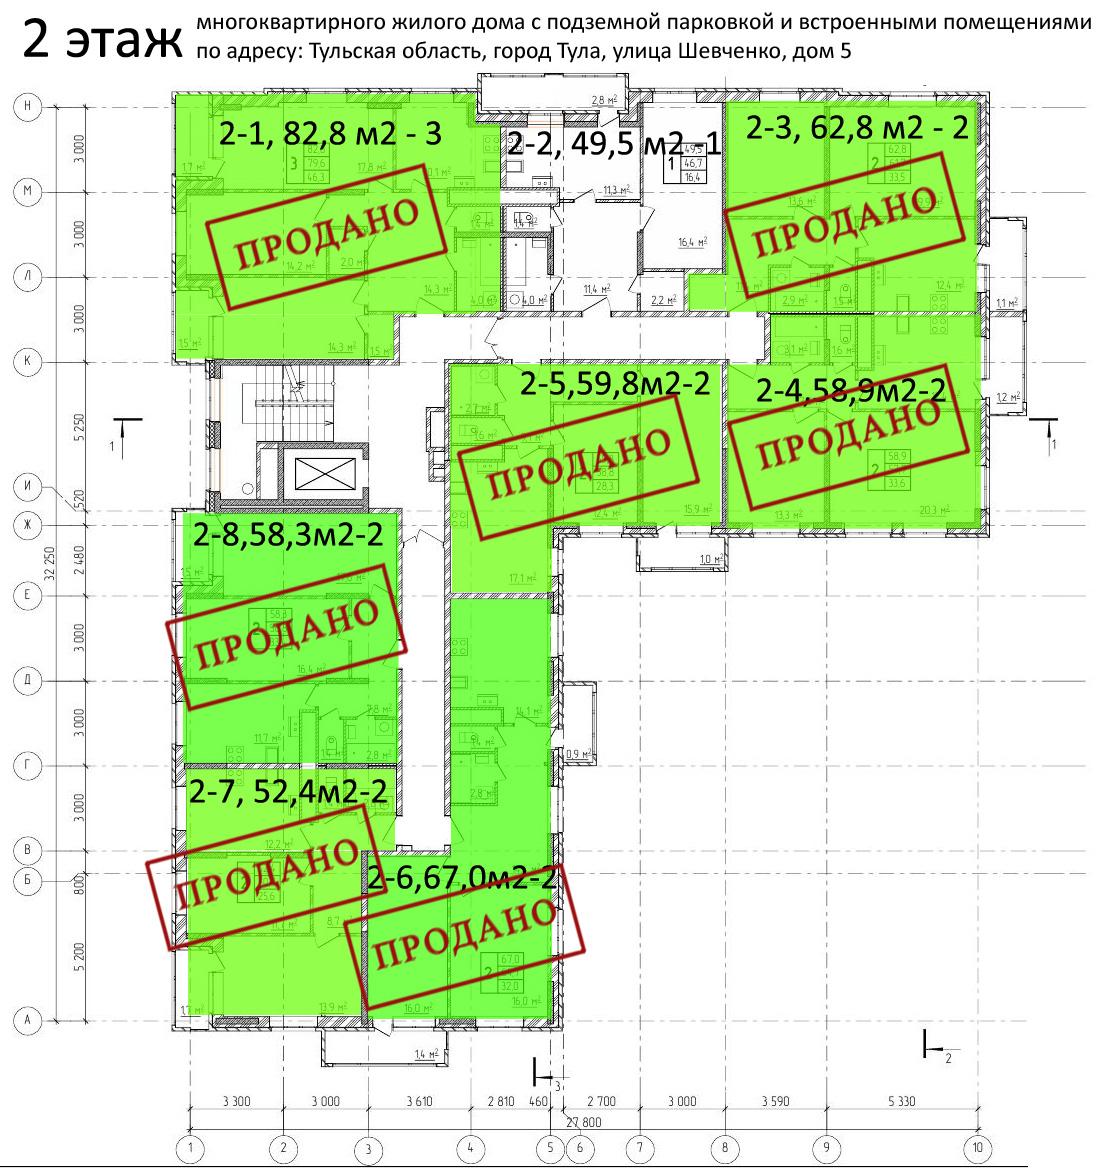 Планировка 2-го этажа ЖК АВРОРА-HOUSE по ул. Шевченко 5